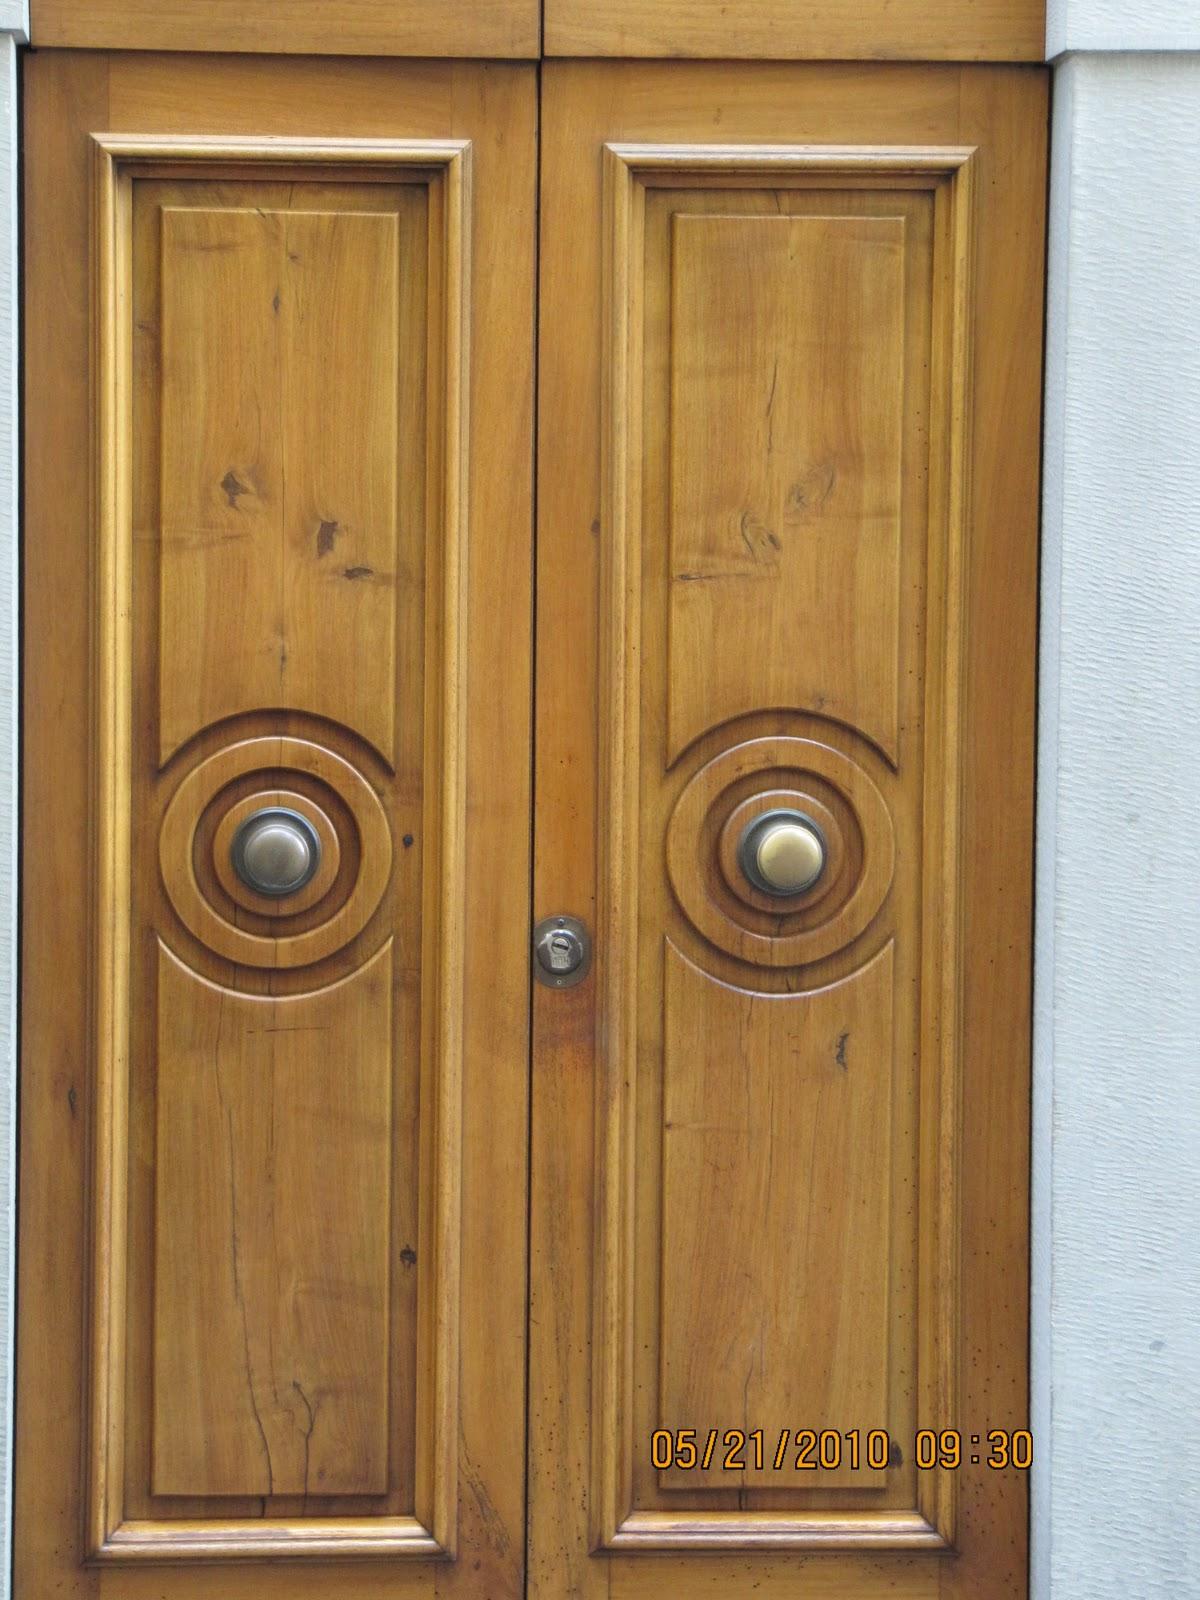 Scintillating Doors Design Italian Images   Best Interior Design .